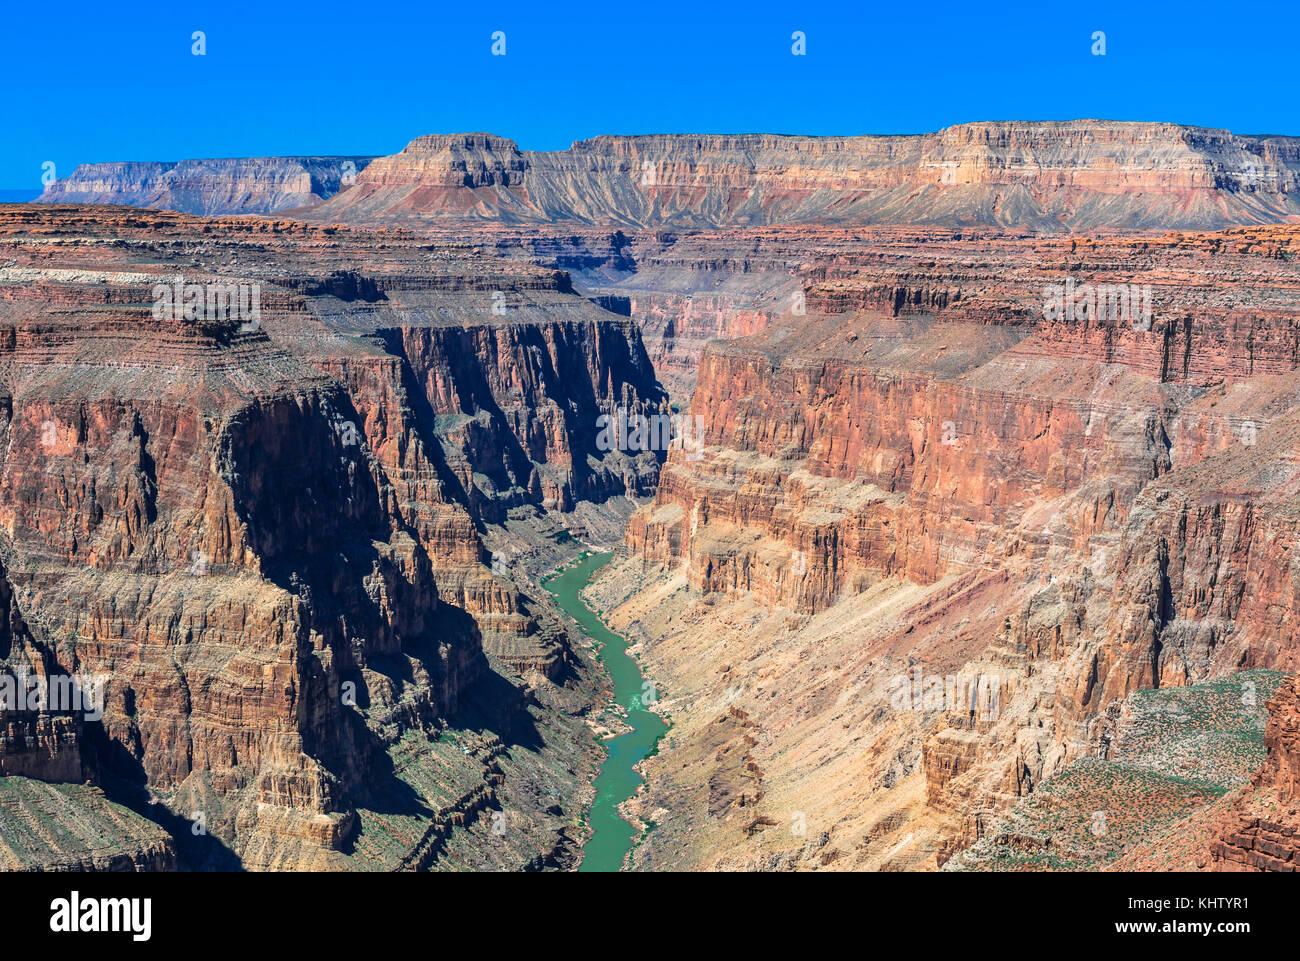 Il fiume Colorado in coda di pesce rapids area del parco nazionale del Grand Canyon, Arizona Immagini Stock